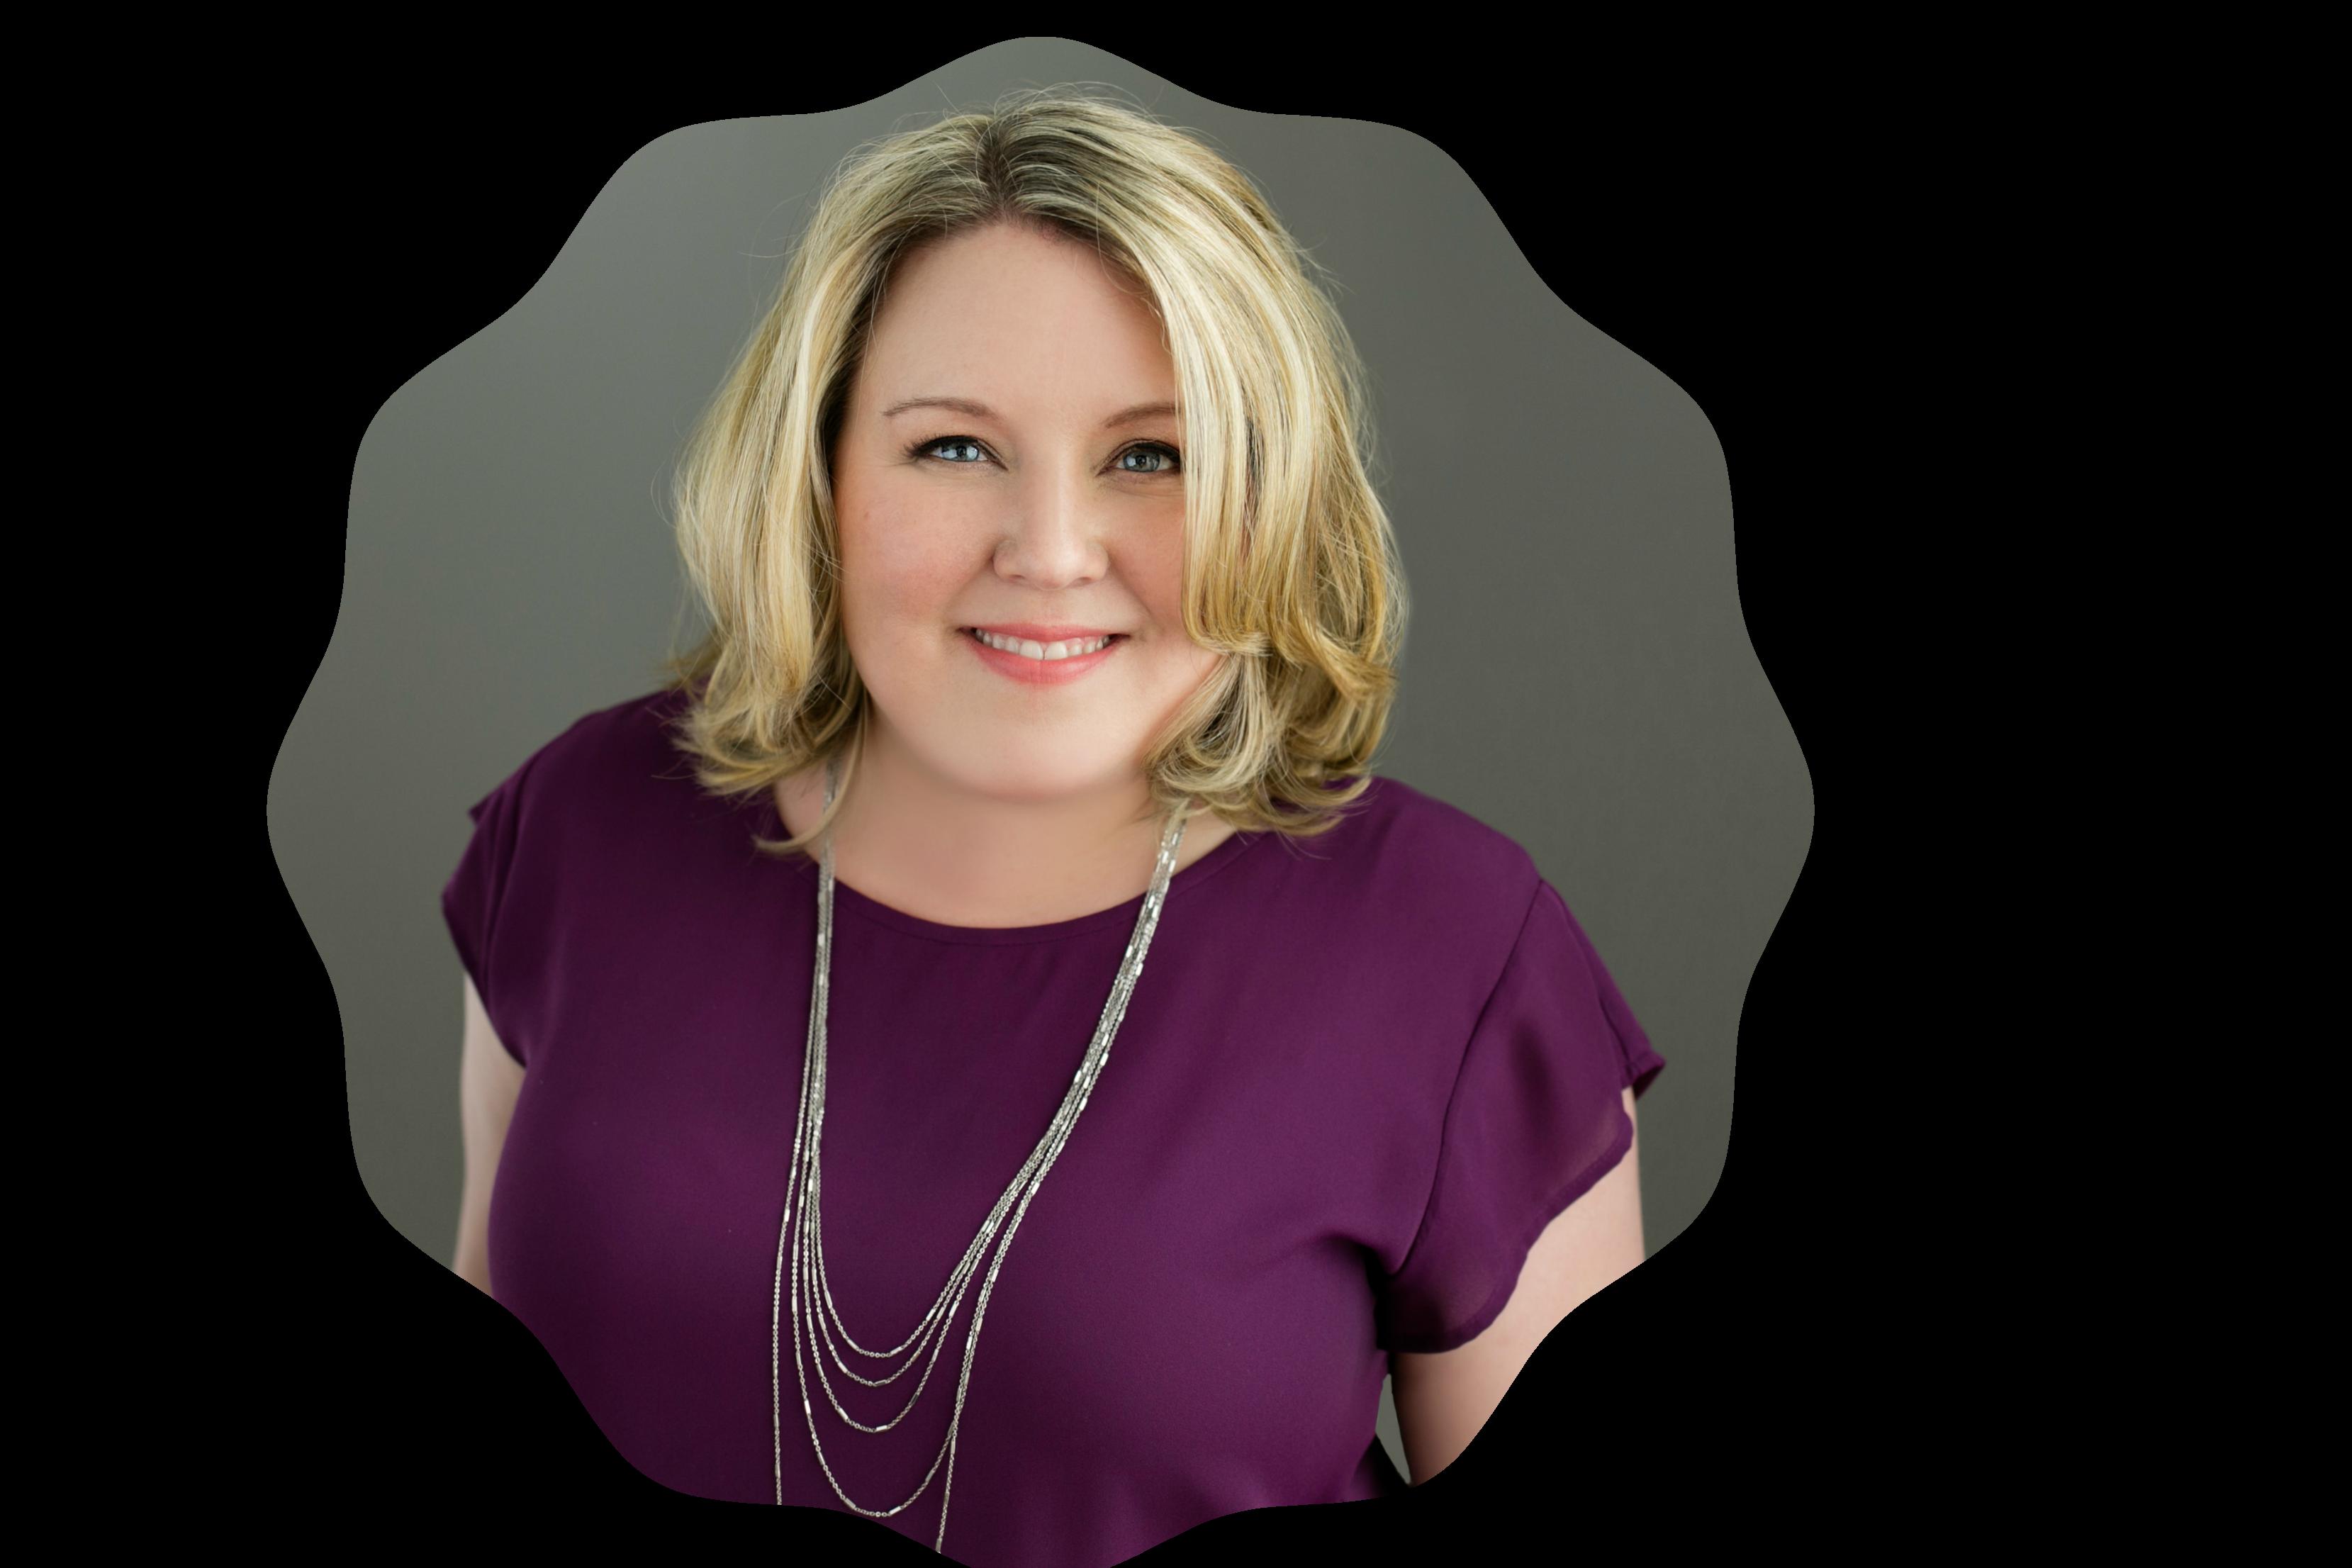 Sales Maven, Nikki Rausch